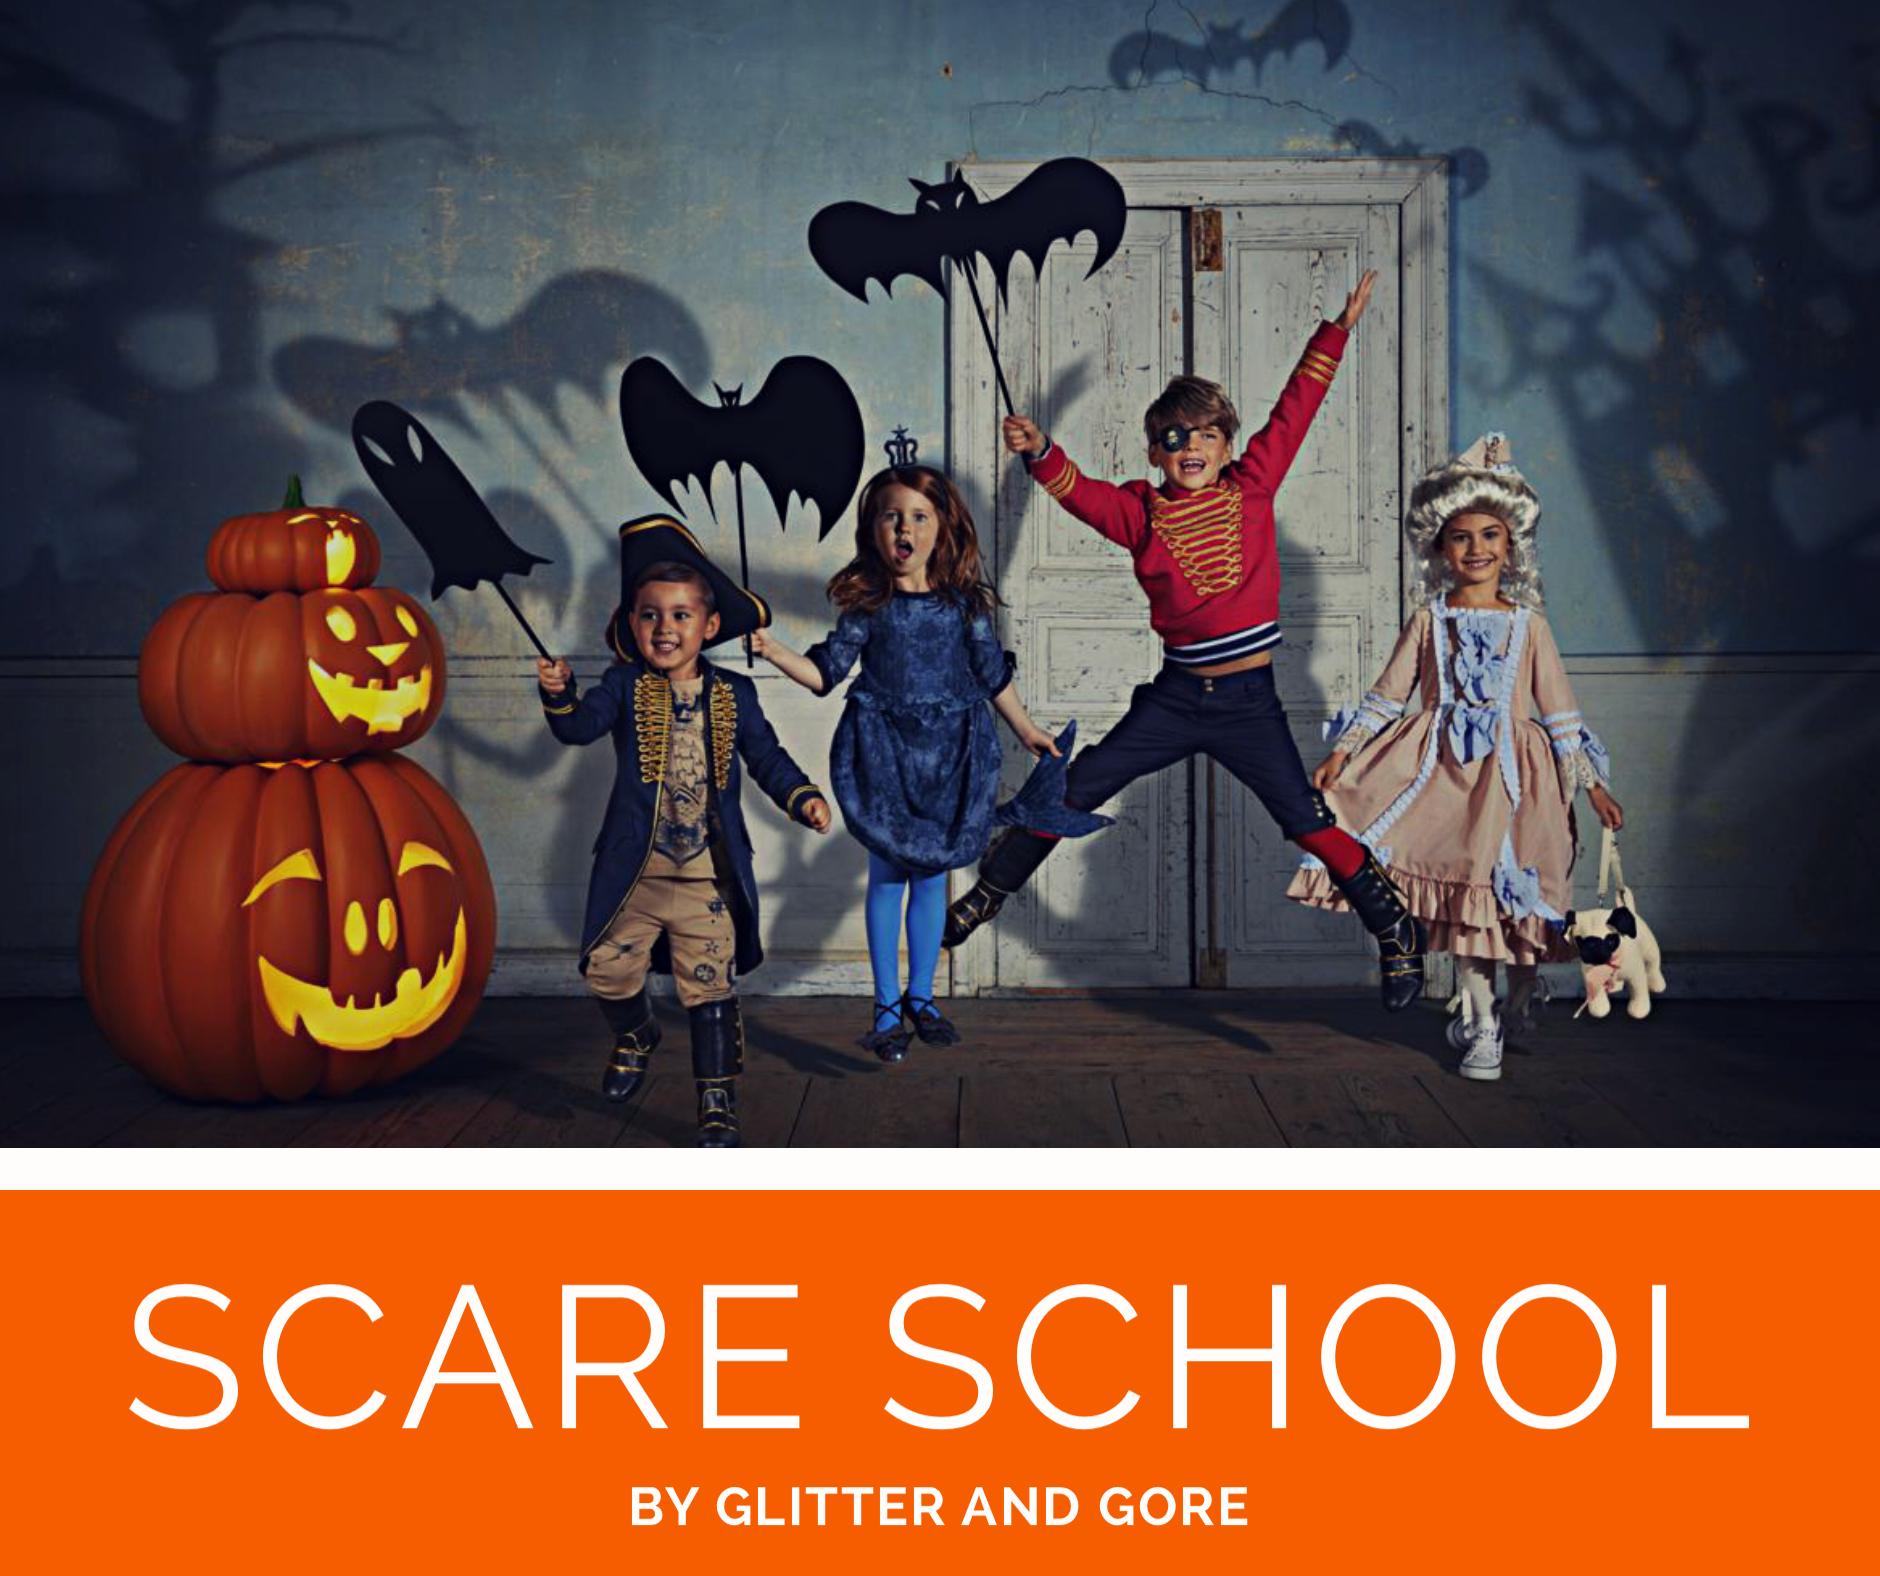 Scare_School_Glitter_and_gore